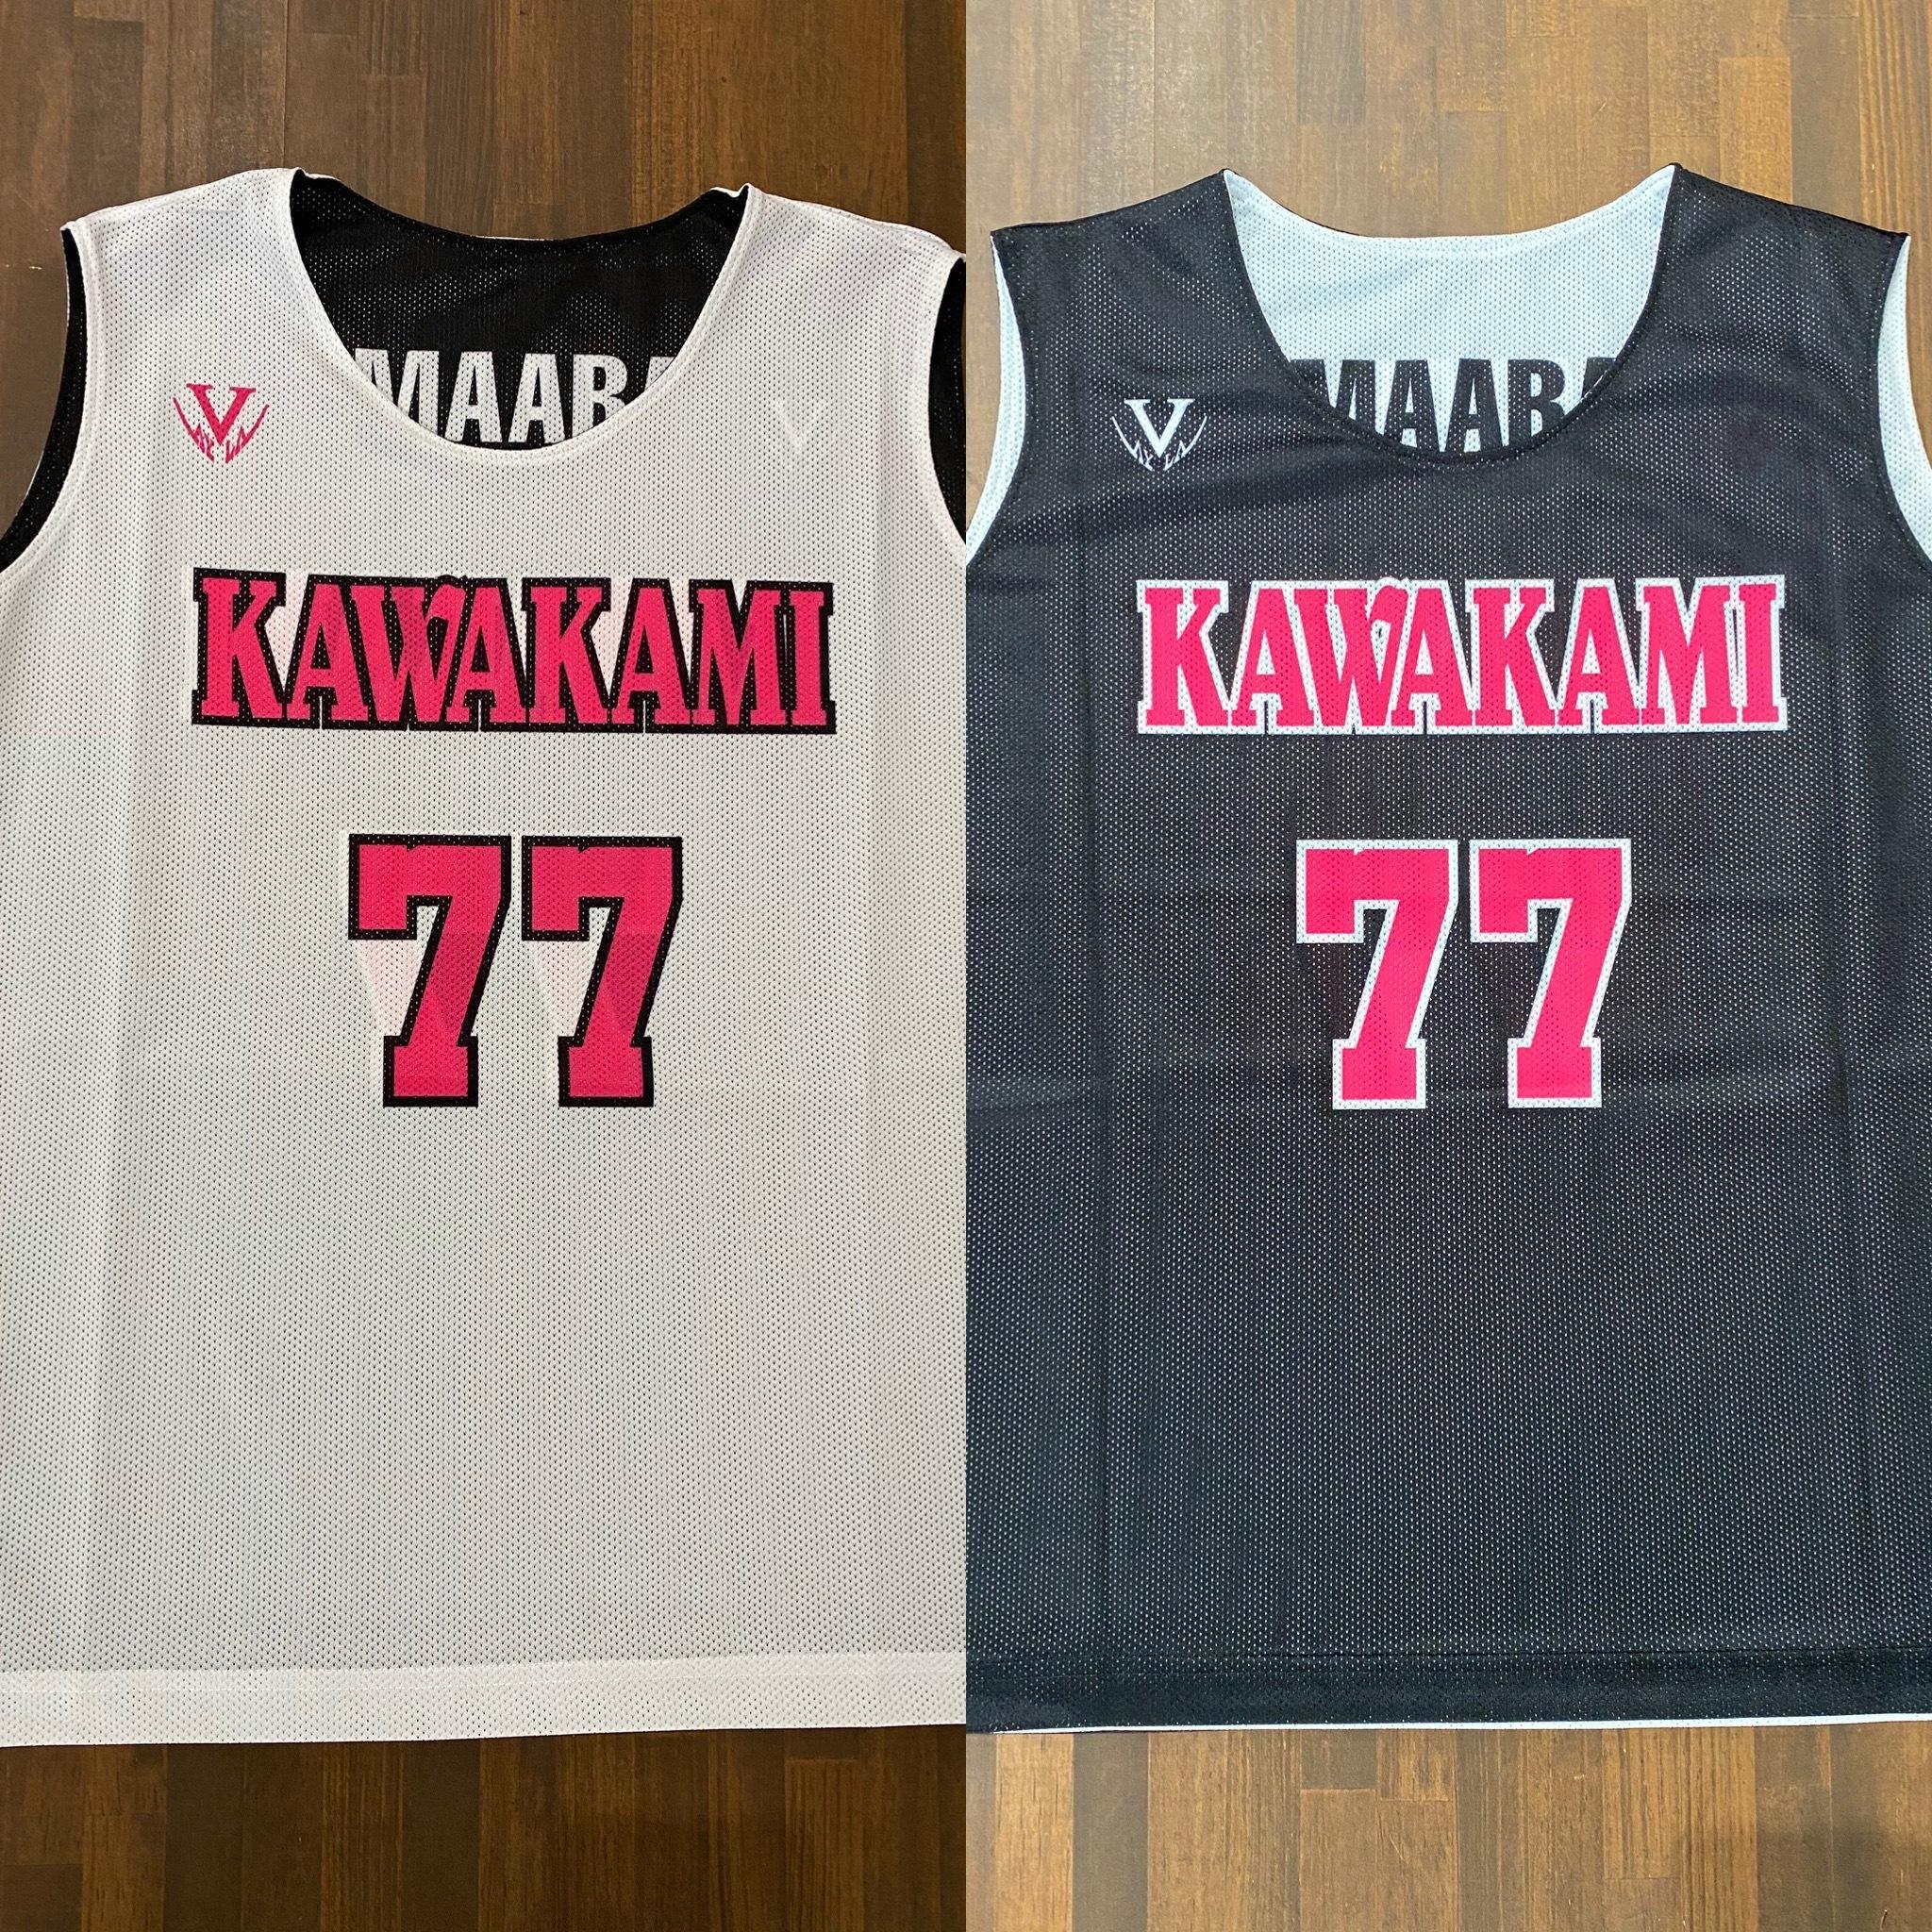 【デザインサンプル】川上ミニバスケットボールスポーツ少年団(U12・女子)リバーシブルシャツ